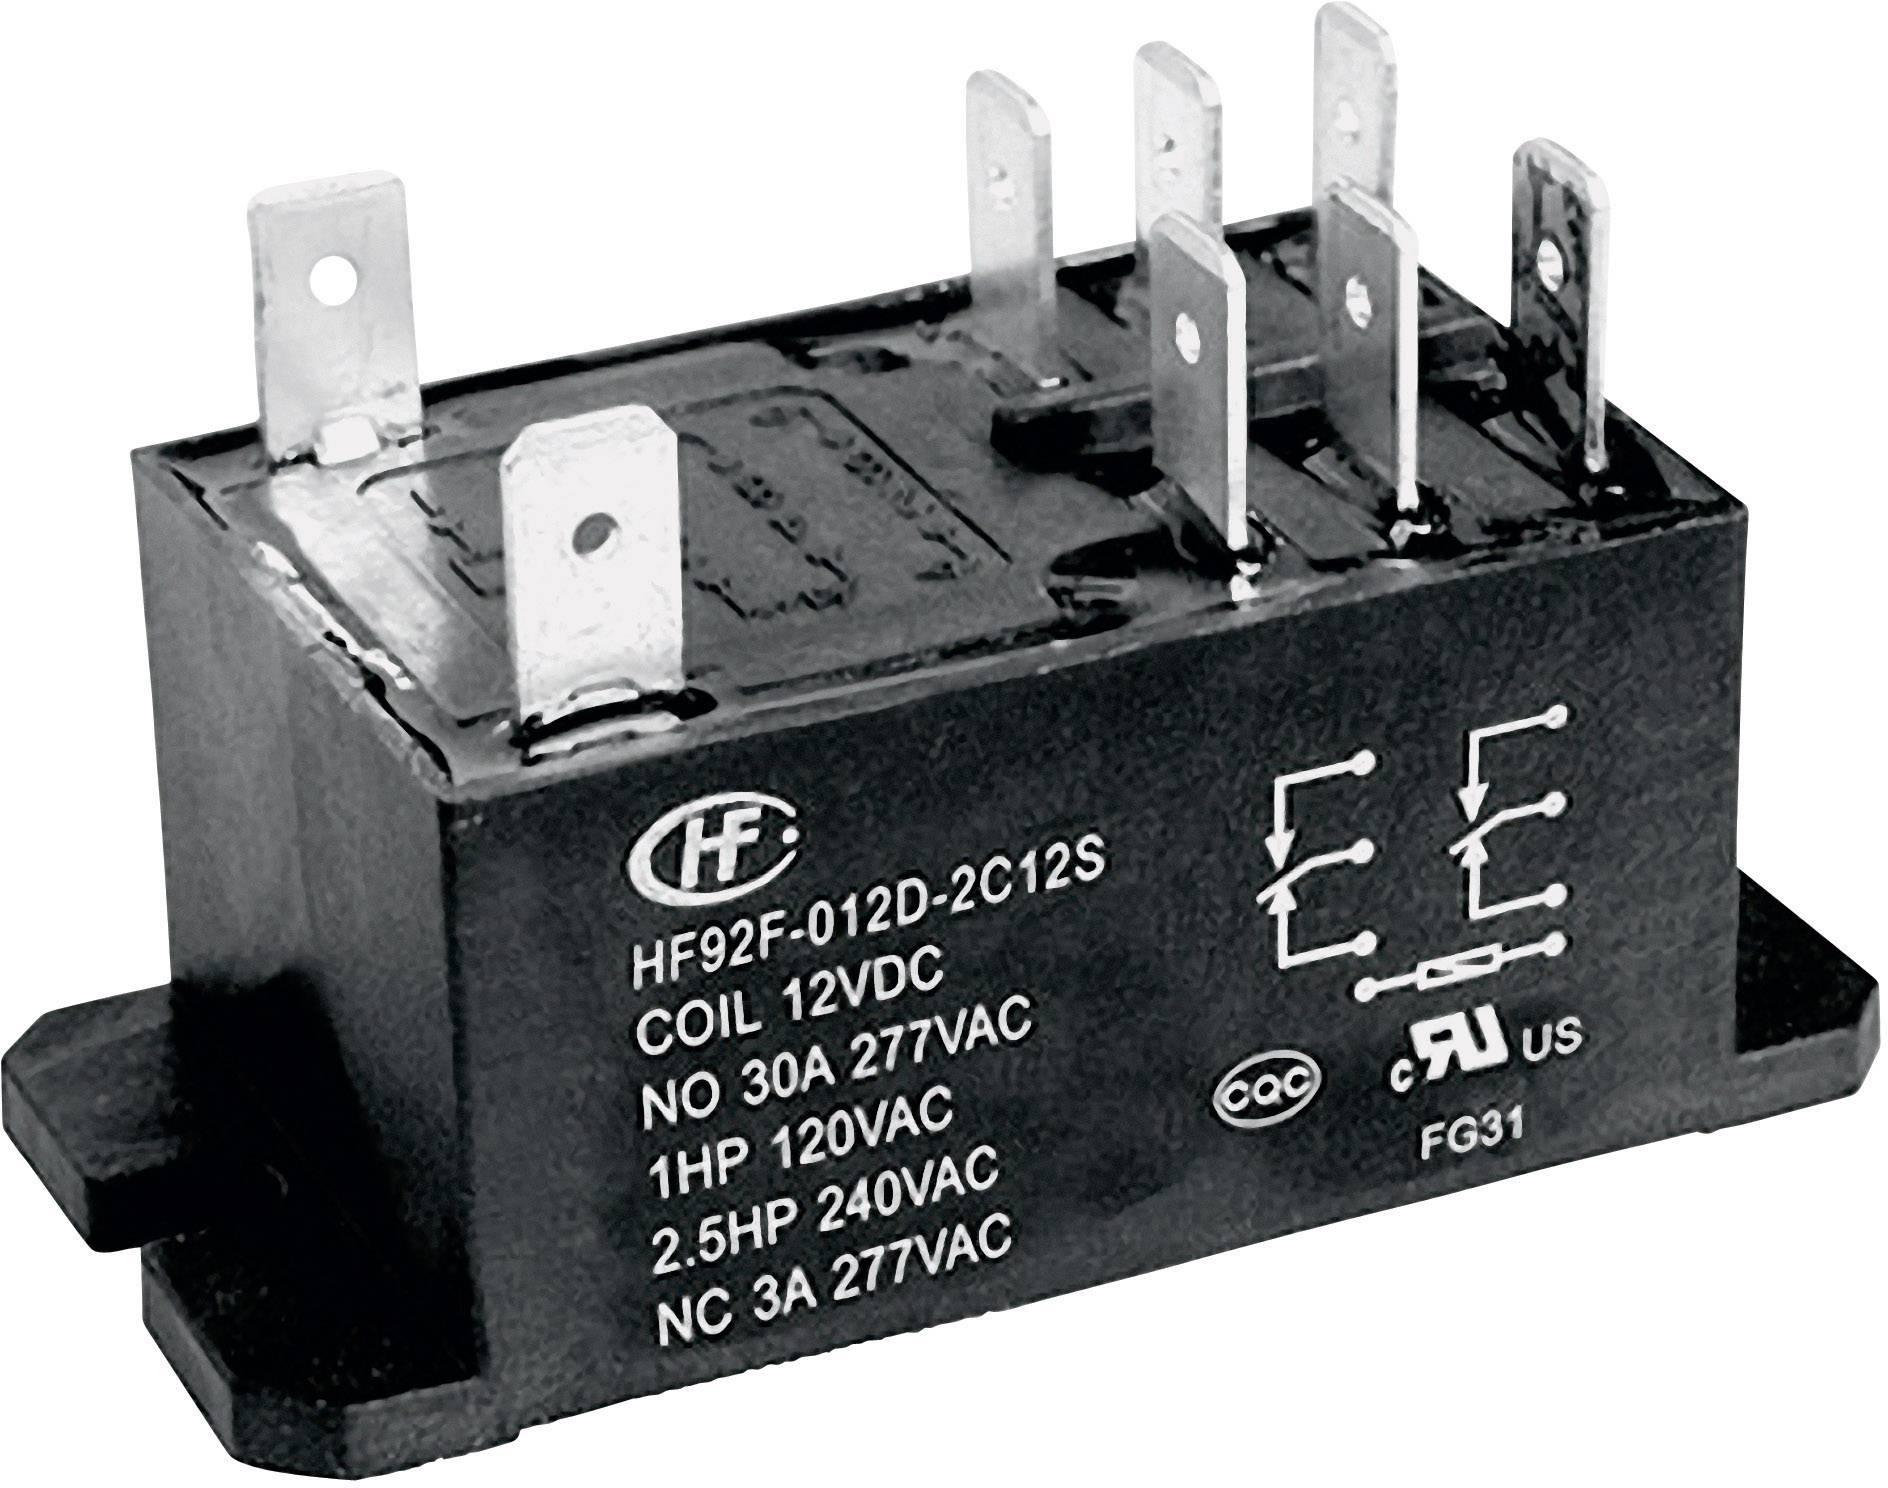 Power relé Hongfa HF92F-012D-2C21S, 30 A , 277 V/AC , 8310 VA